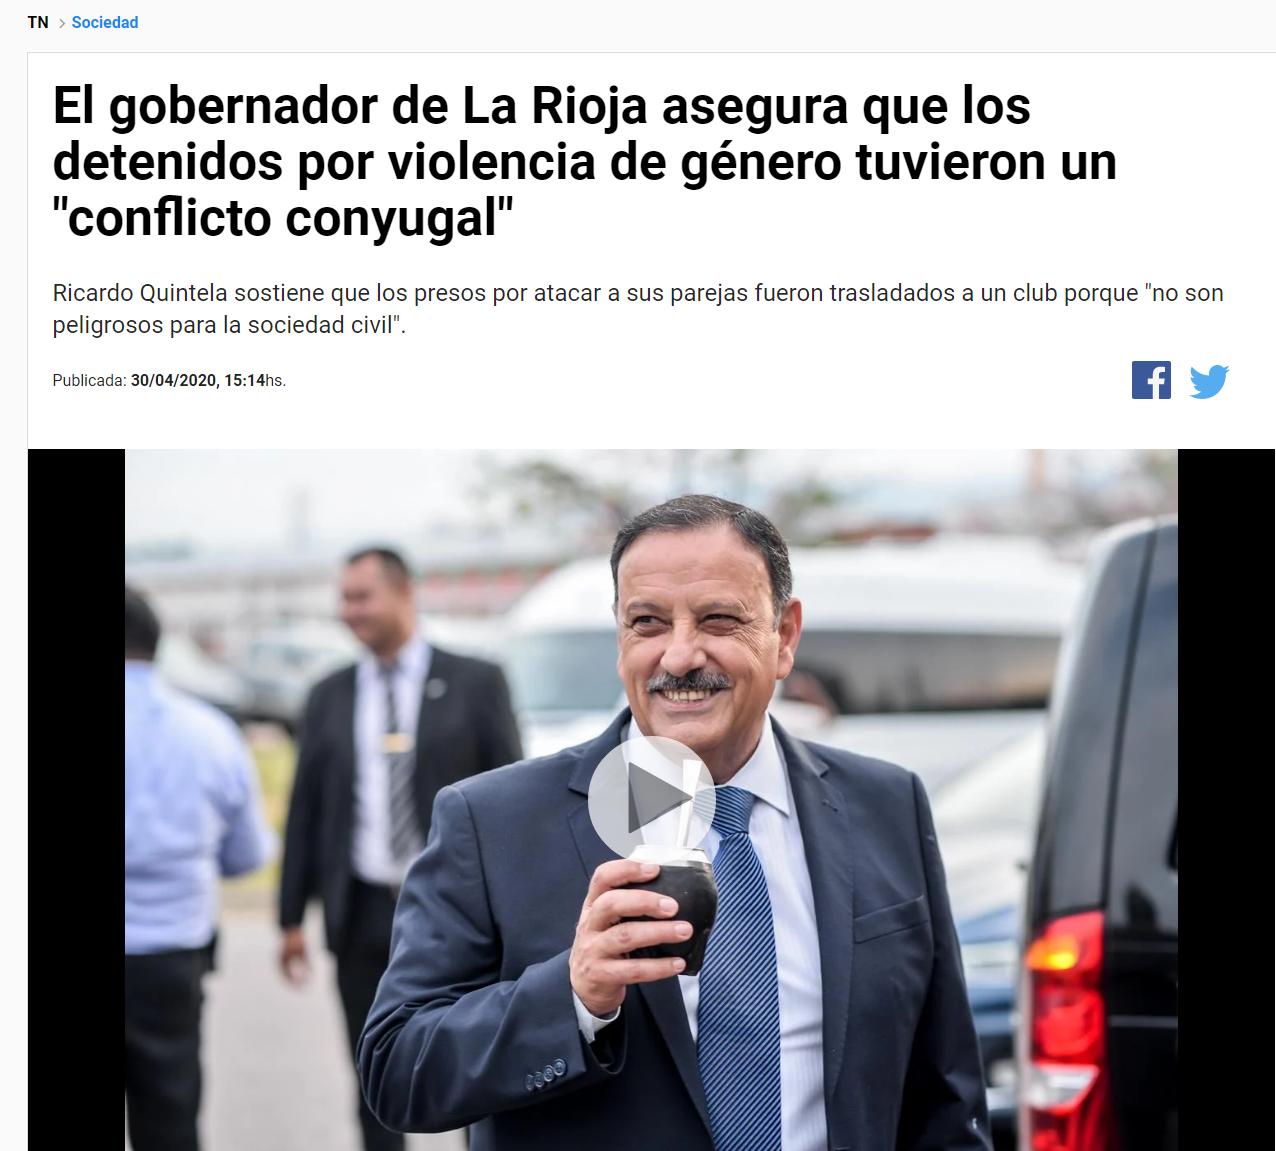 FireShot Capture 030 - El gobernador de La Rioja asegura que los detenidos por violencia de _ - tn.com.ar